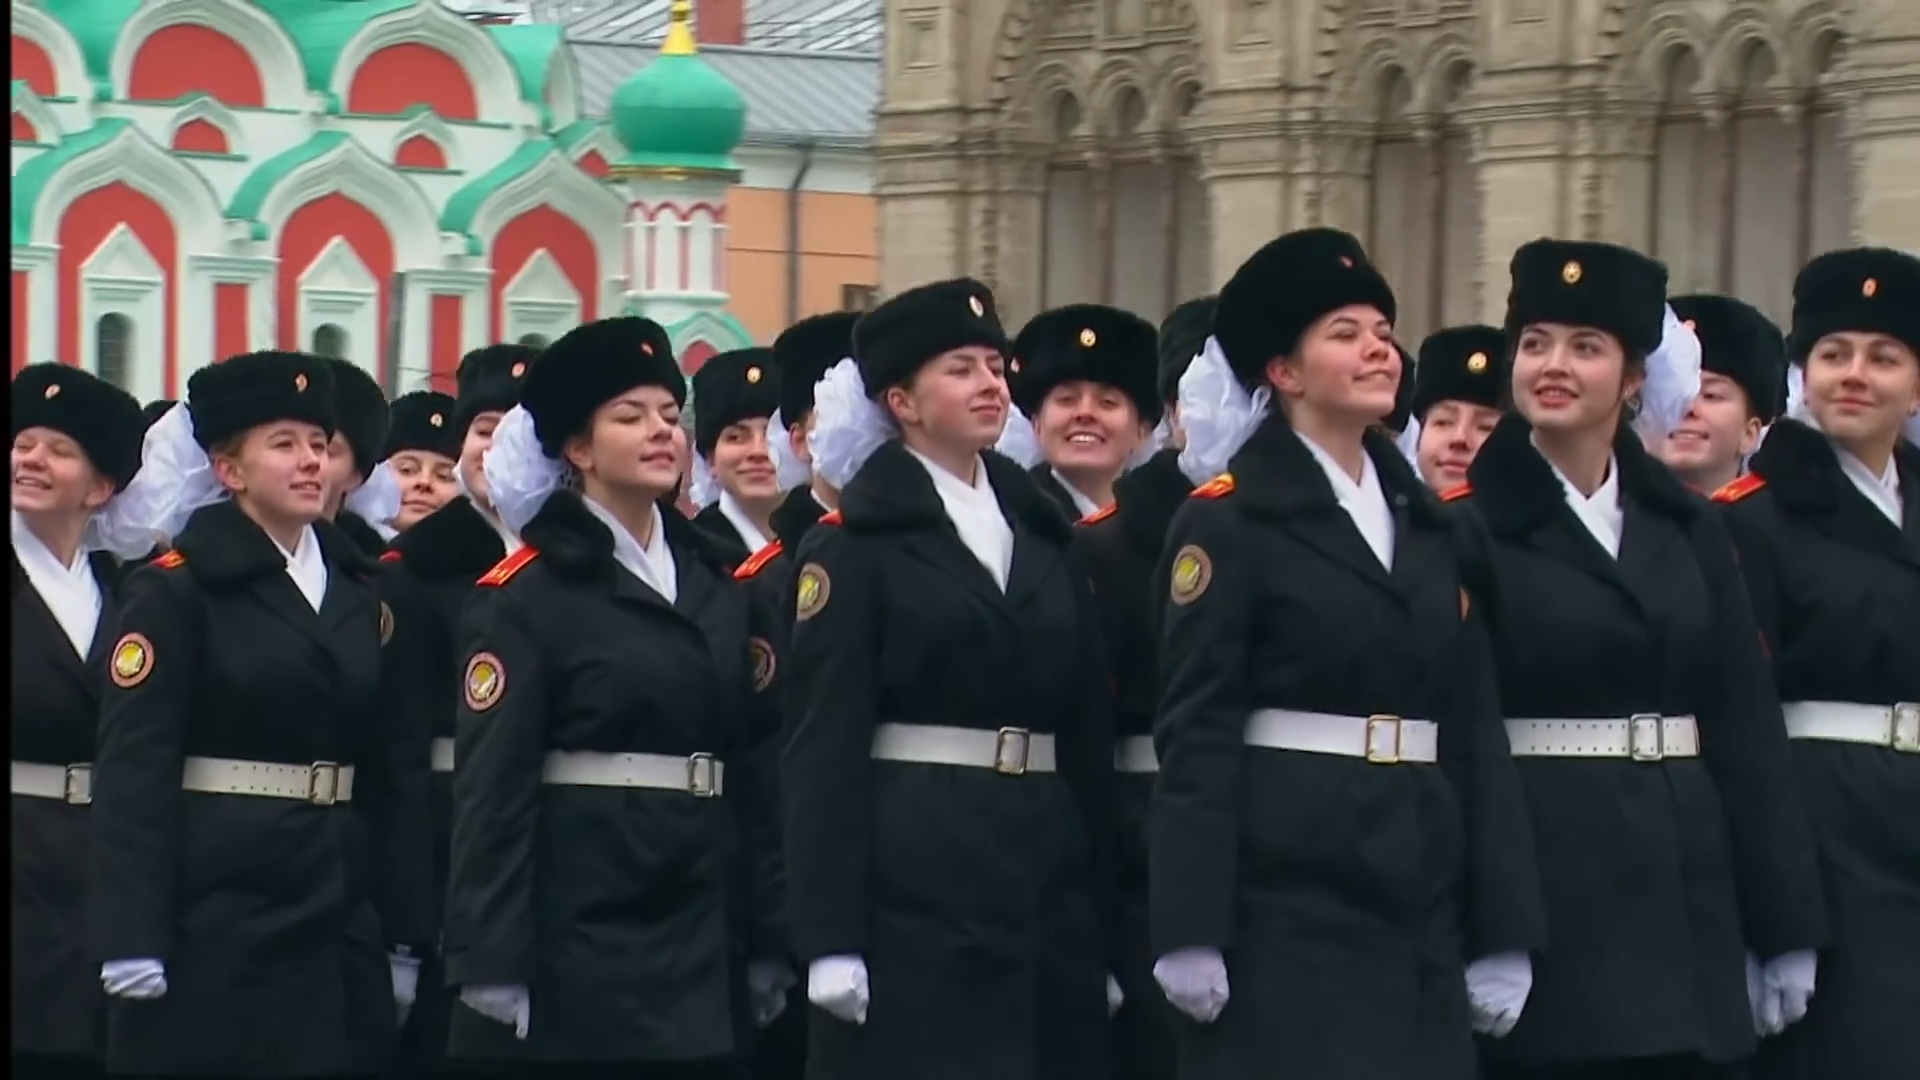 51-Марш в честь годовщины парада на Красной площади 1941-го года в Москве. Прямая трансляция